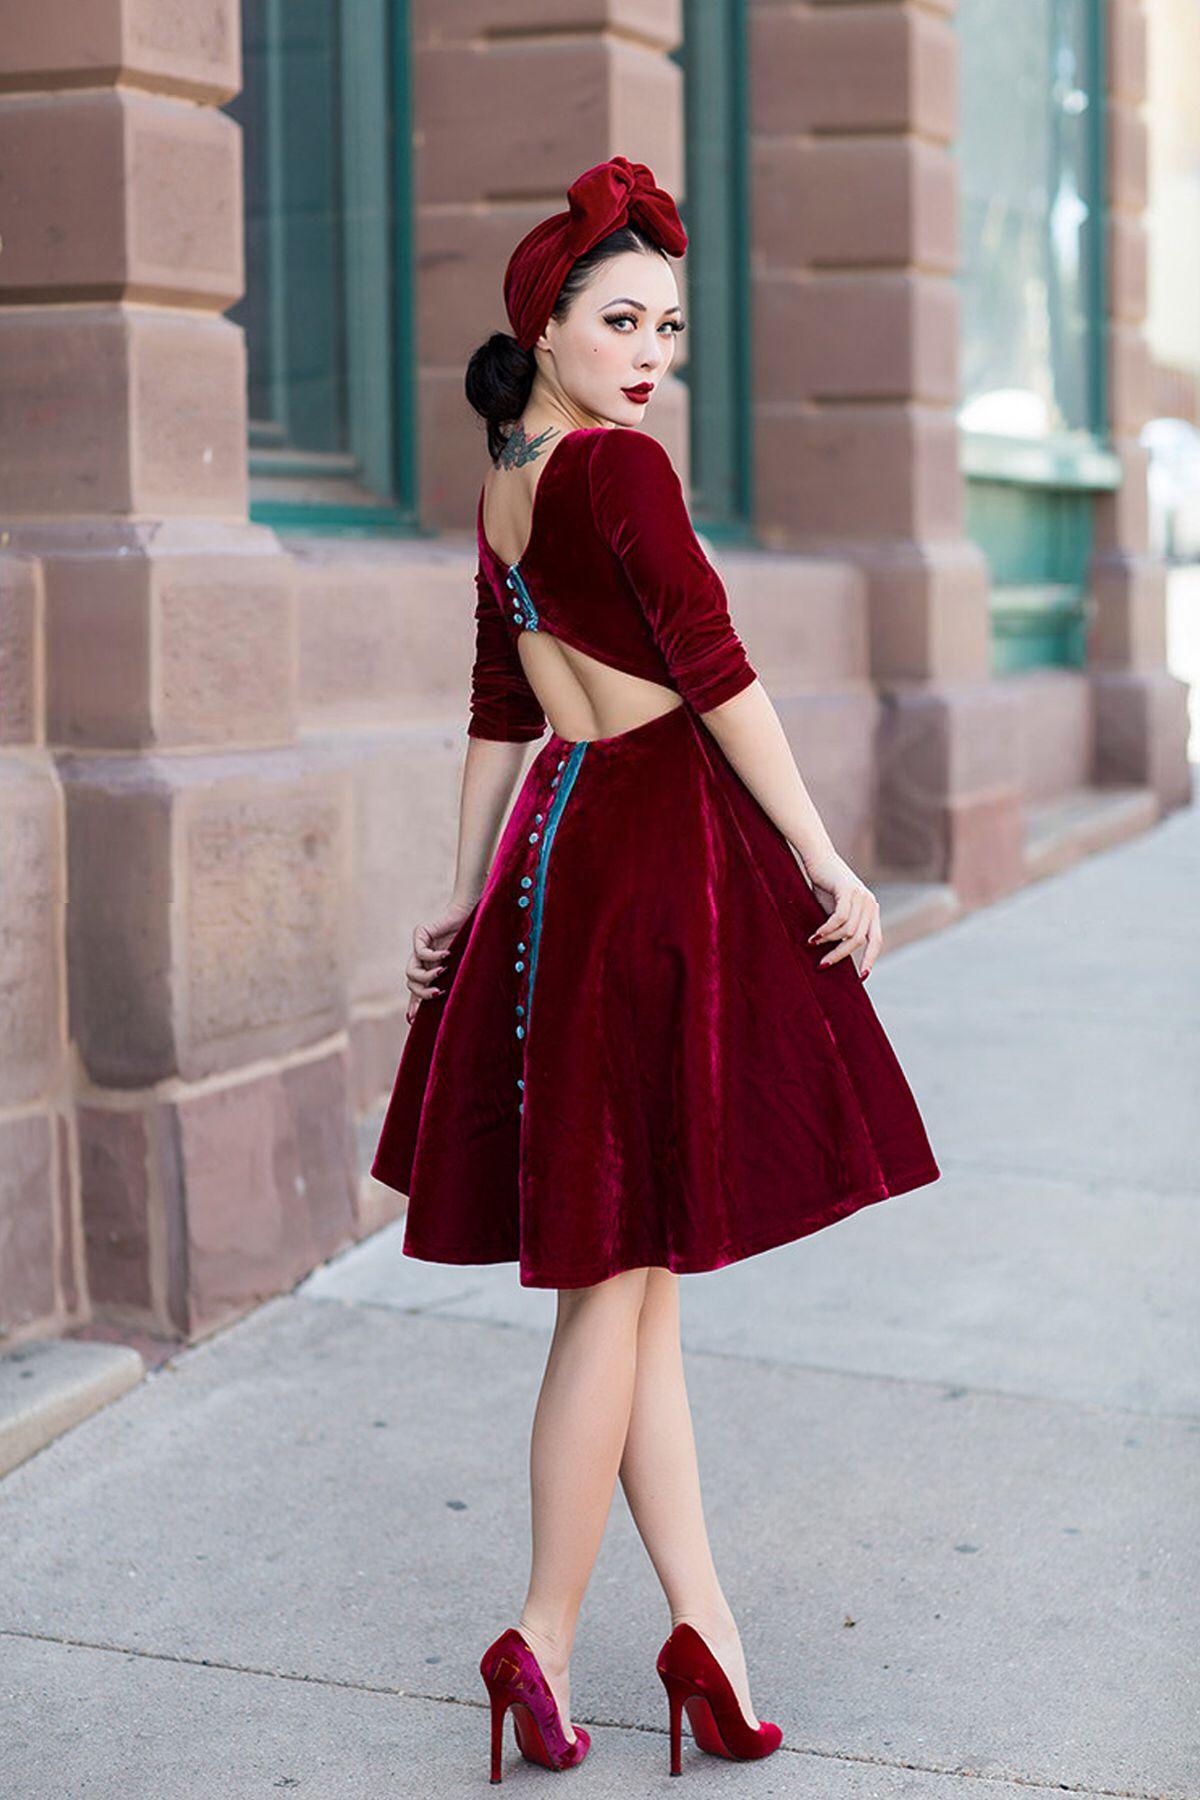 Vintage Kleding.Le Palais Vintage Classical Velvet Deep Red Backless Dress Designed